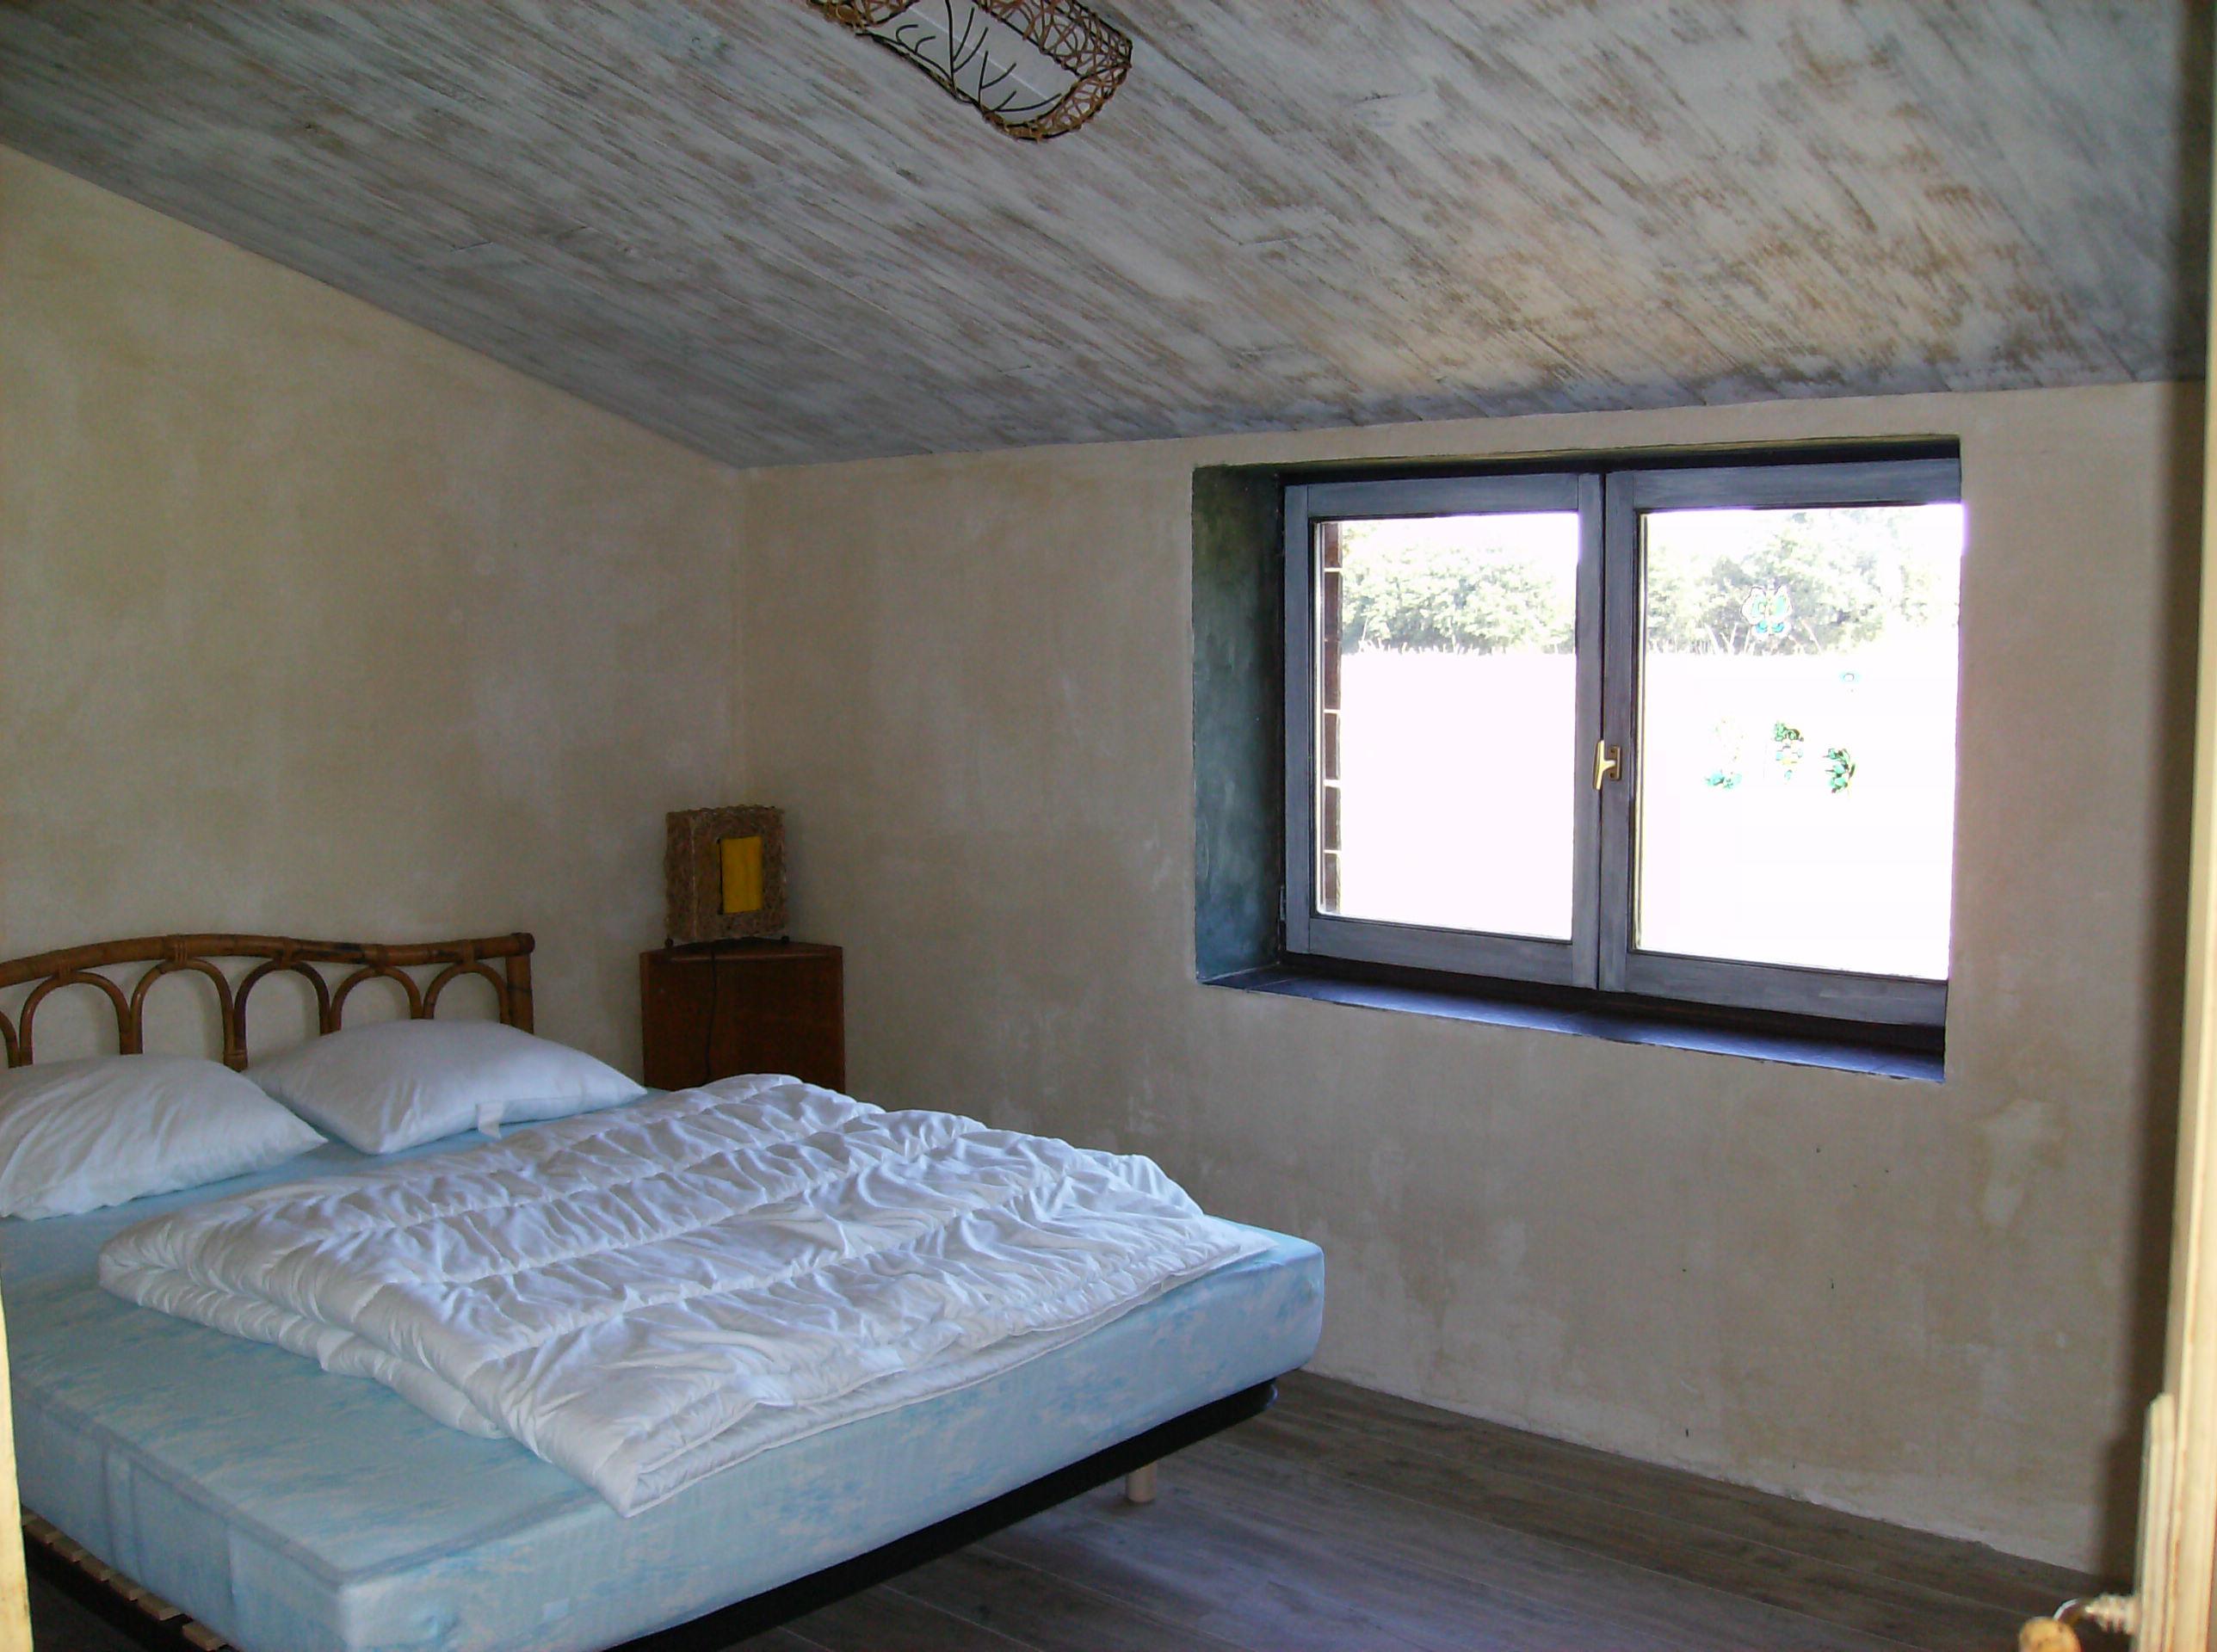 Location tudiant chambre chez l 39 habitant - Chambre chez l habitant angers ...